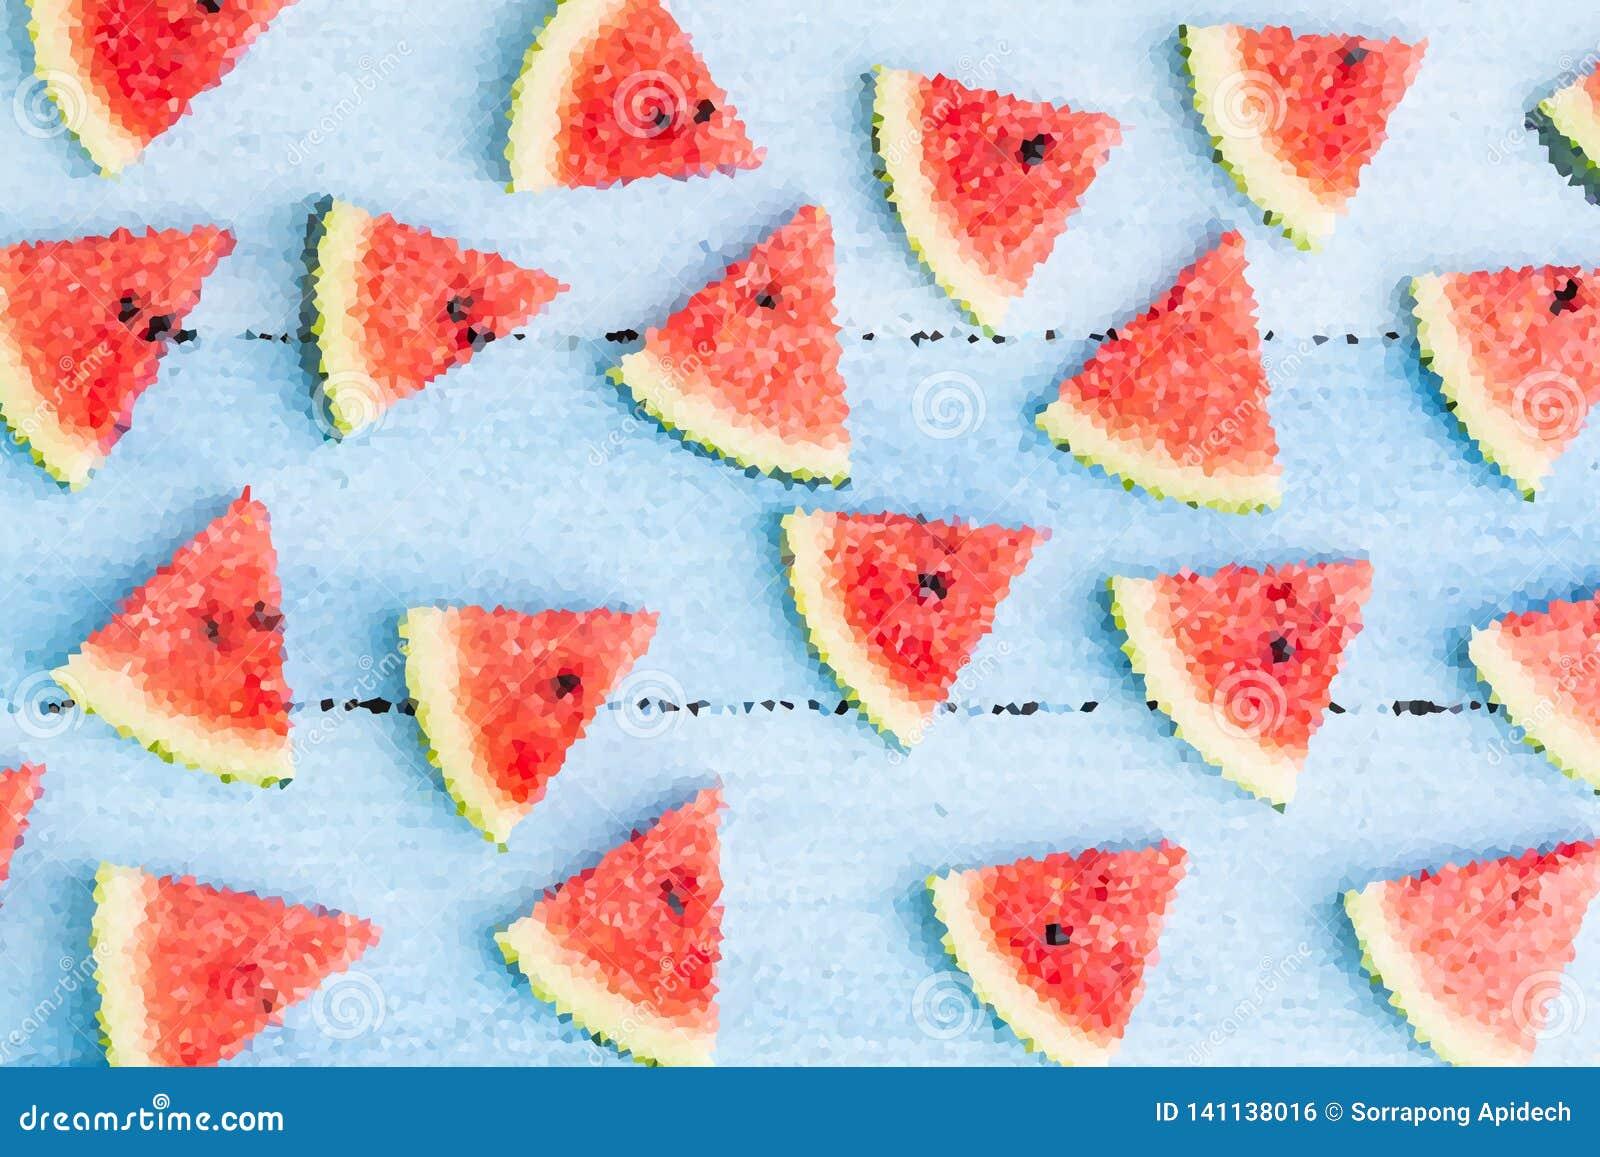 Wassermelonenmosaik-Wandhintergrund, Illustrationskunst-Entwurfshintergrund, abstrakter Hintergrund für Sommer